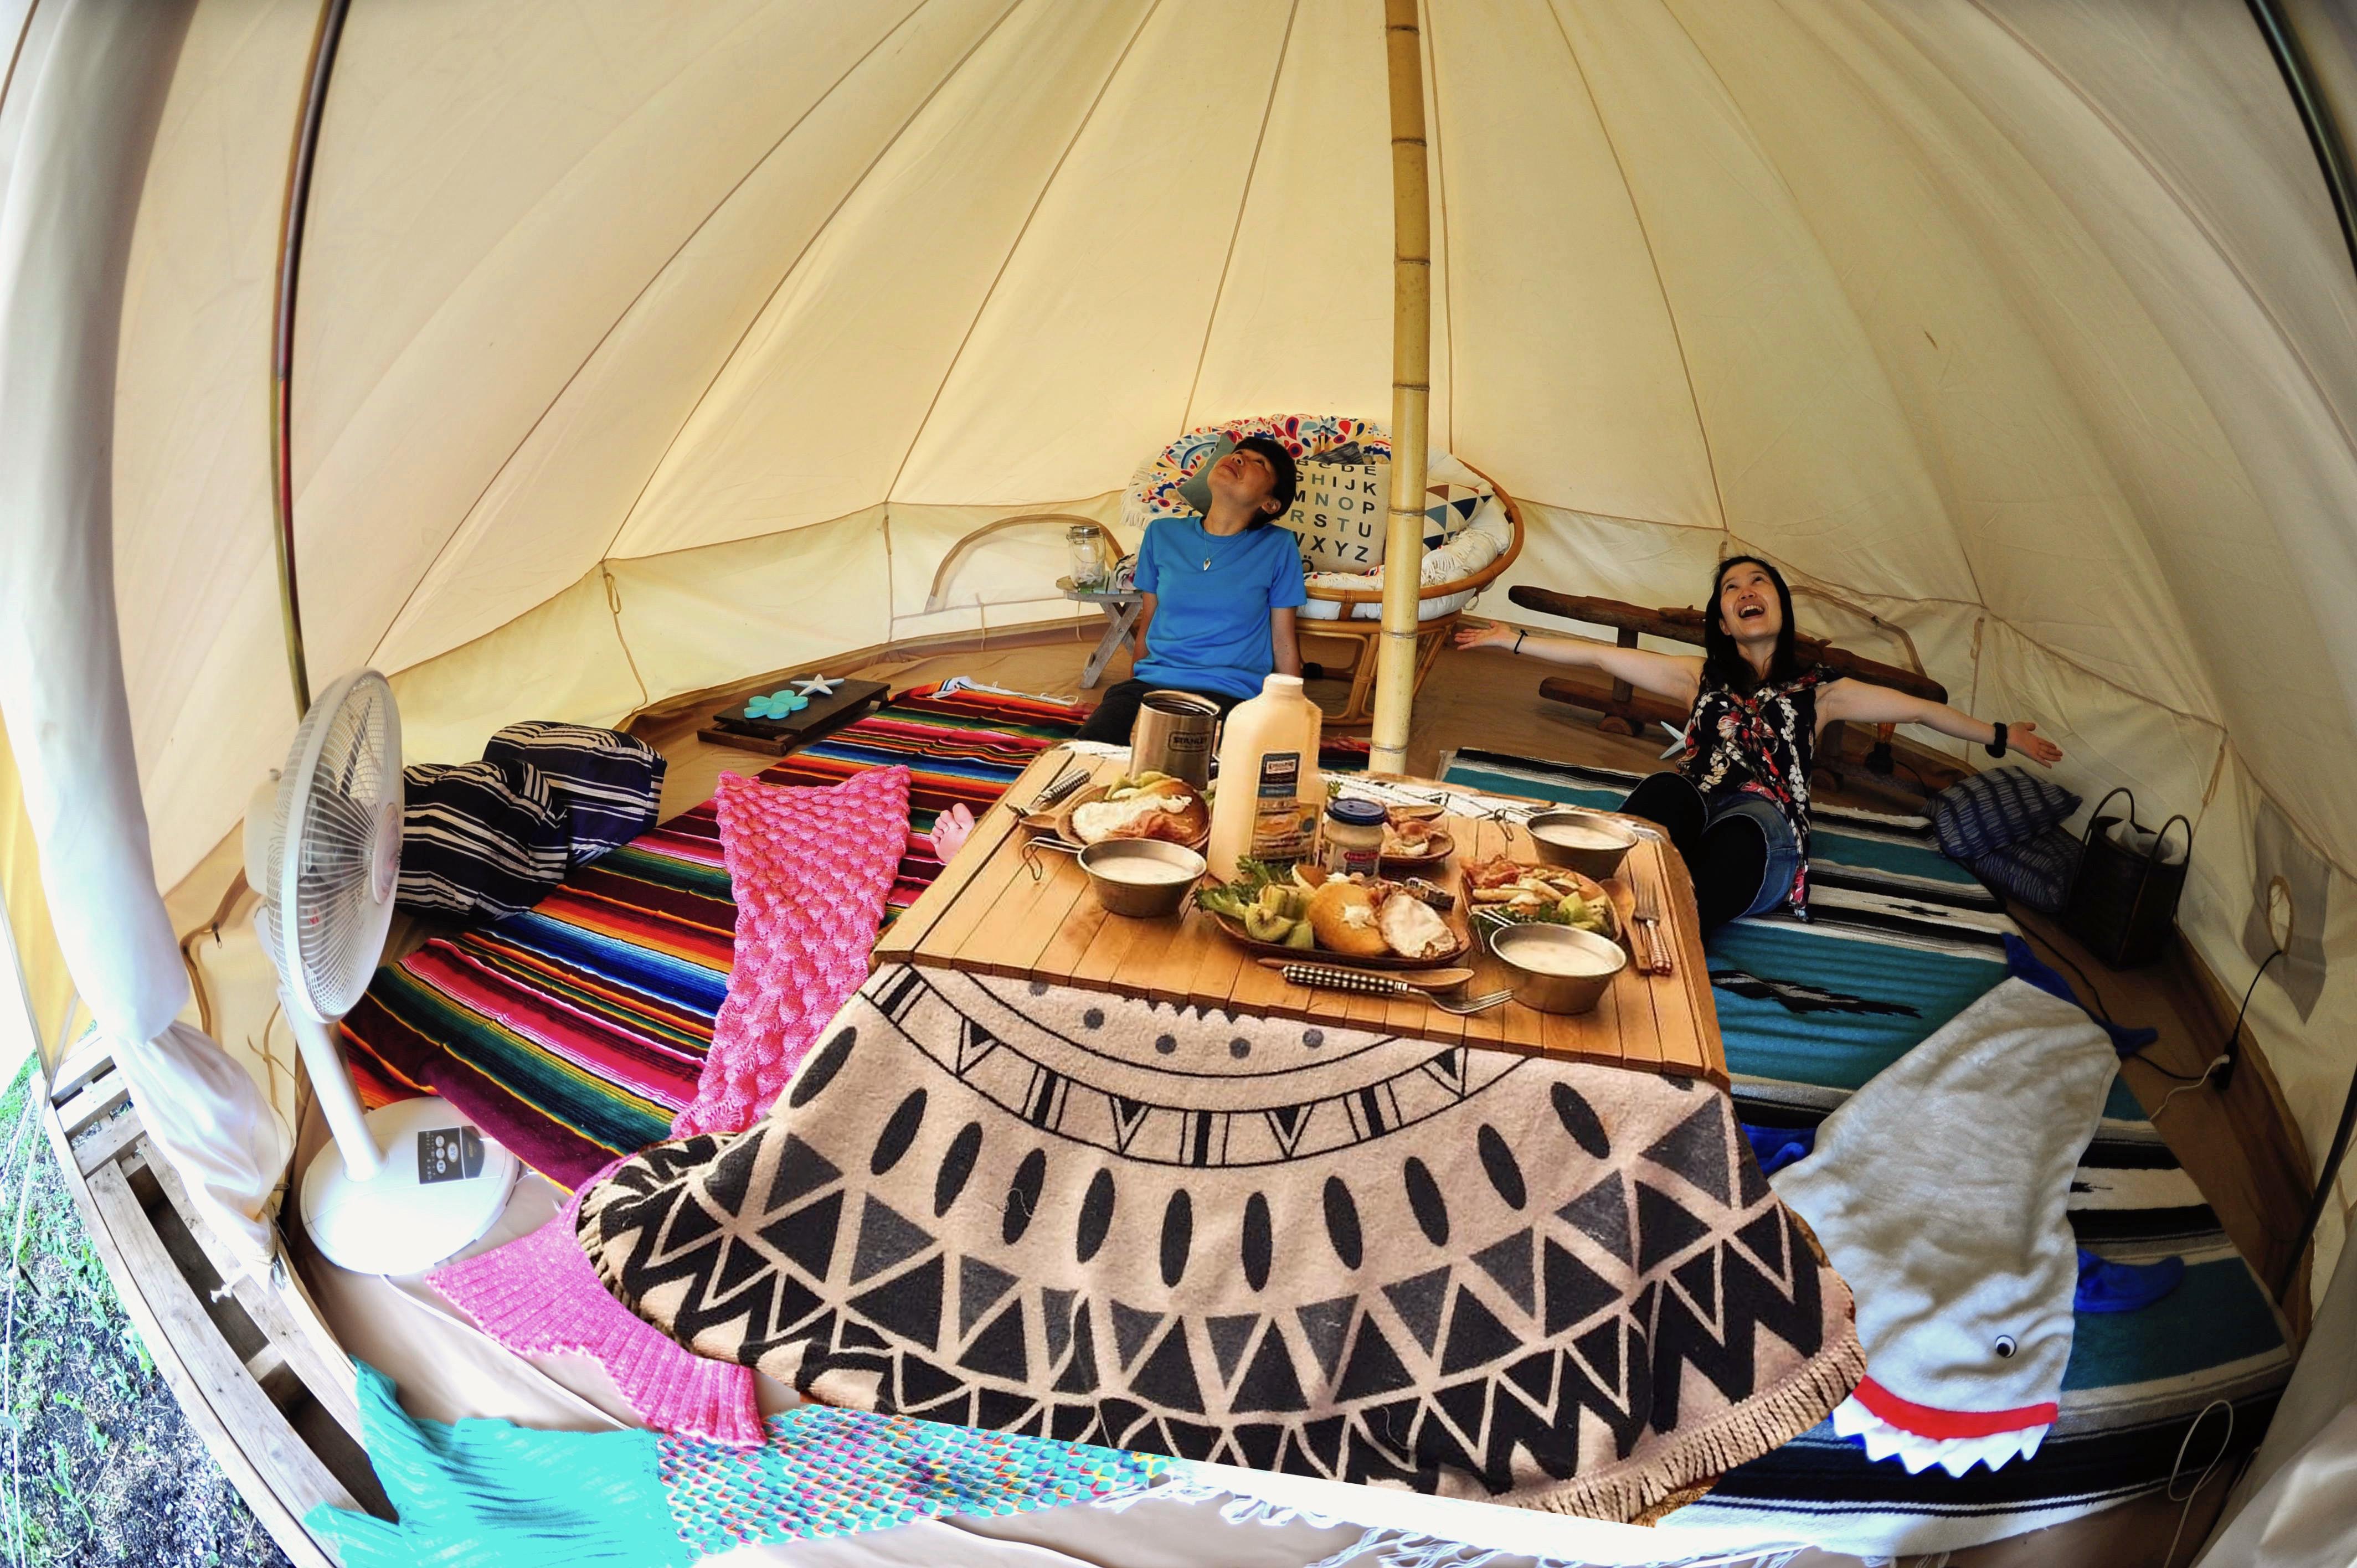 レンタルテント「テントでこたつ」ただいま準備中!手ぶらマイカーでこのレンタルテントに泊れます!